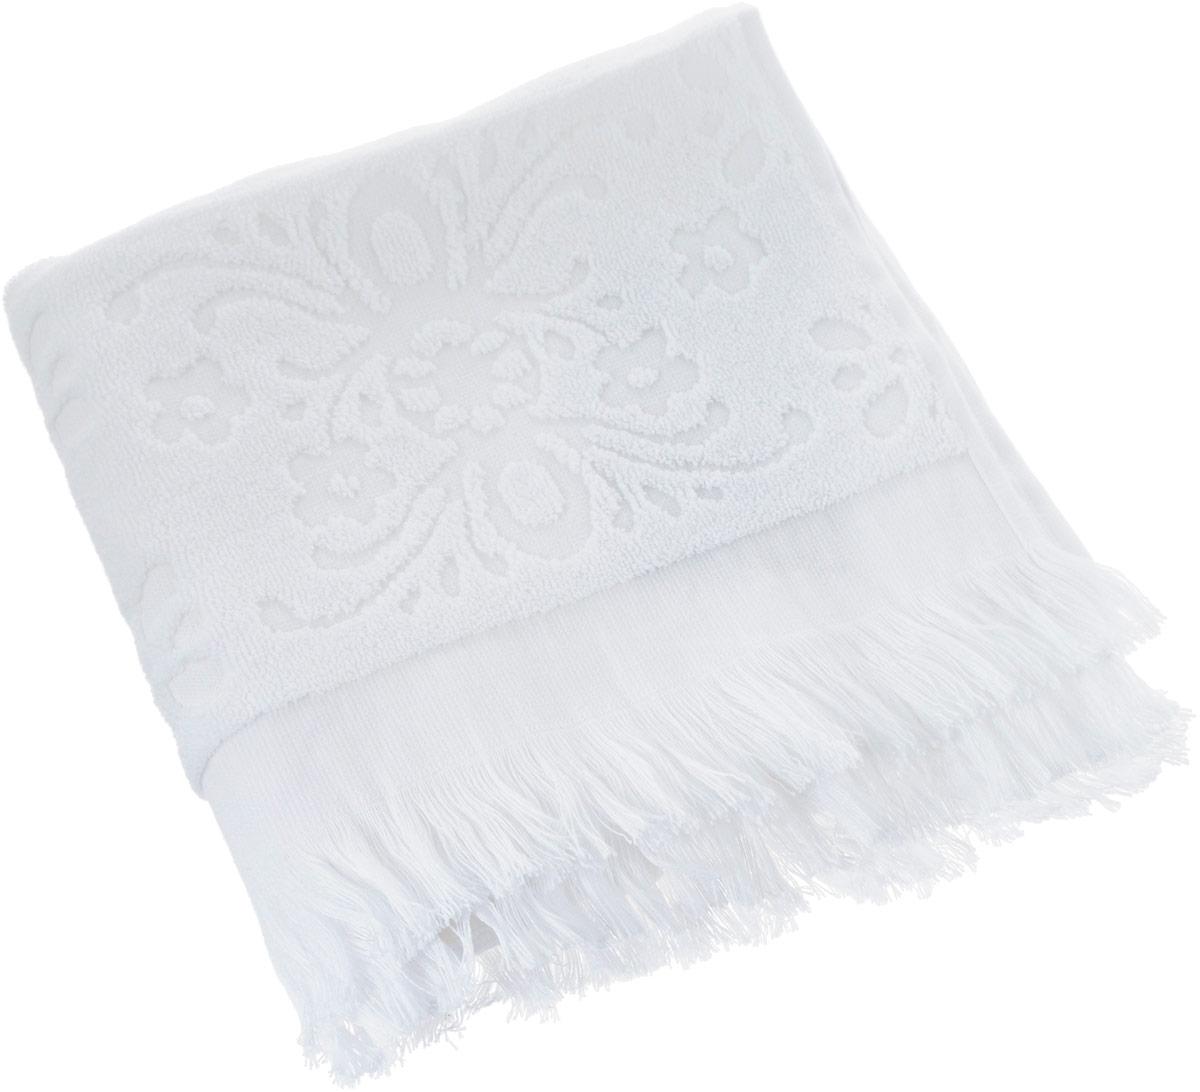 Полотенце Arya Isabel Soft, цвет: белый, 50 x 90 смTR1002487_БелыйПолотенце Arya Isabel Soft выполнено из 100% хлопка. Изделие отлично впитывает влагу, быстро сохнет, сохраняет яркость цвета и не теряет форму даже после многократных стирок. Такое полотенце очень практично и неприхотливо в уходе. Оно создаст прекрасное настроение и украсит интерьер в ванной комнате.